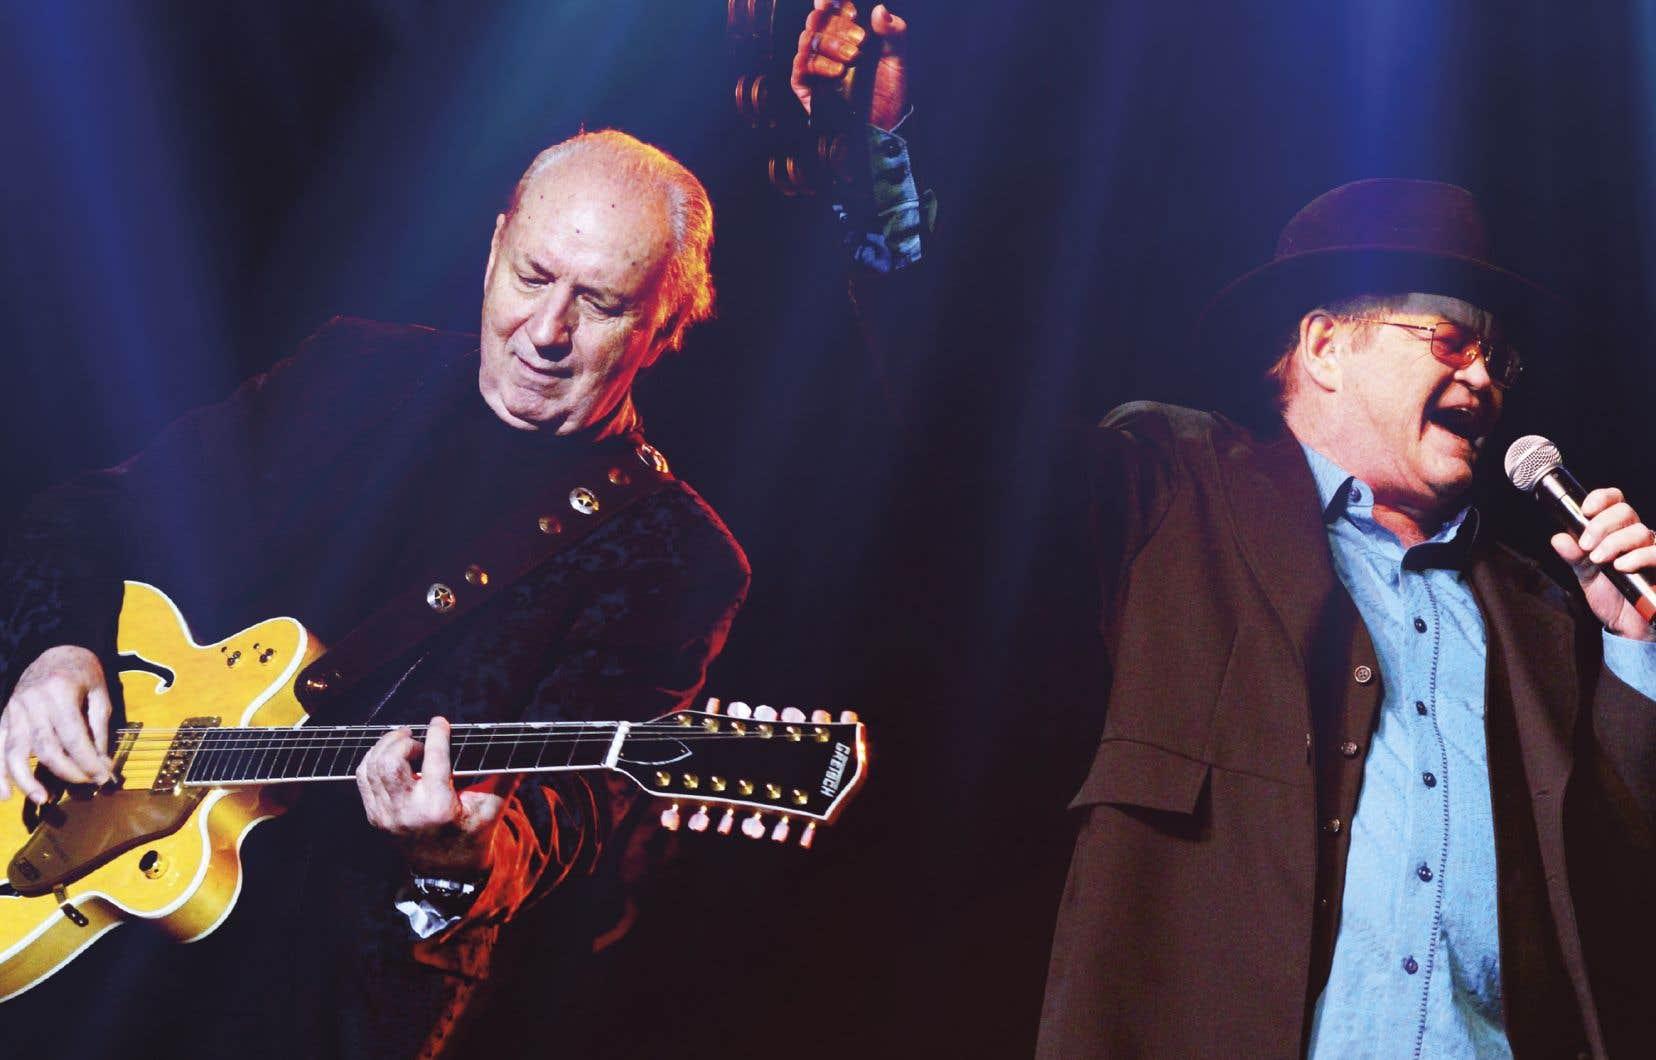 Les deux membres du groupe The Monkees, Mike Nesmith et Micky Dolenz, présentent depuis l'an dernier leurs plus grands succès avec la tournée «The Mike And Micky Show».